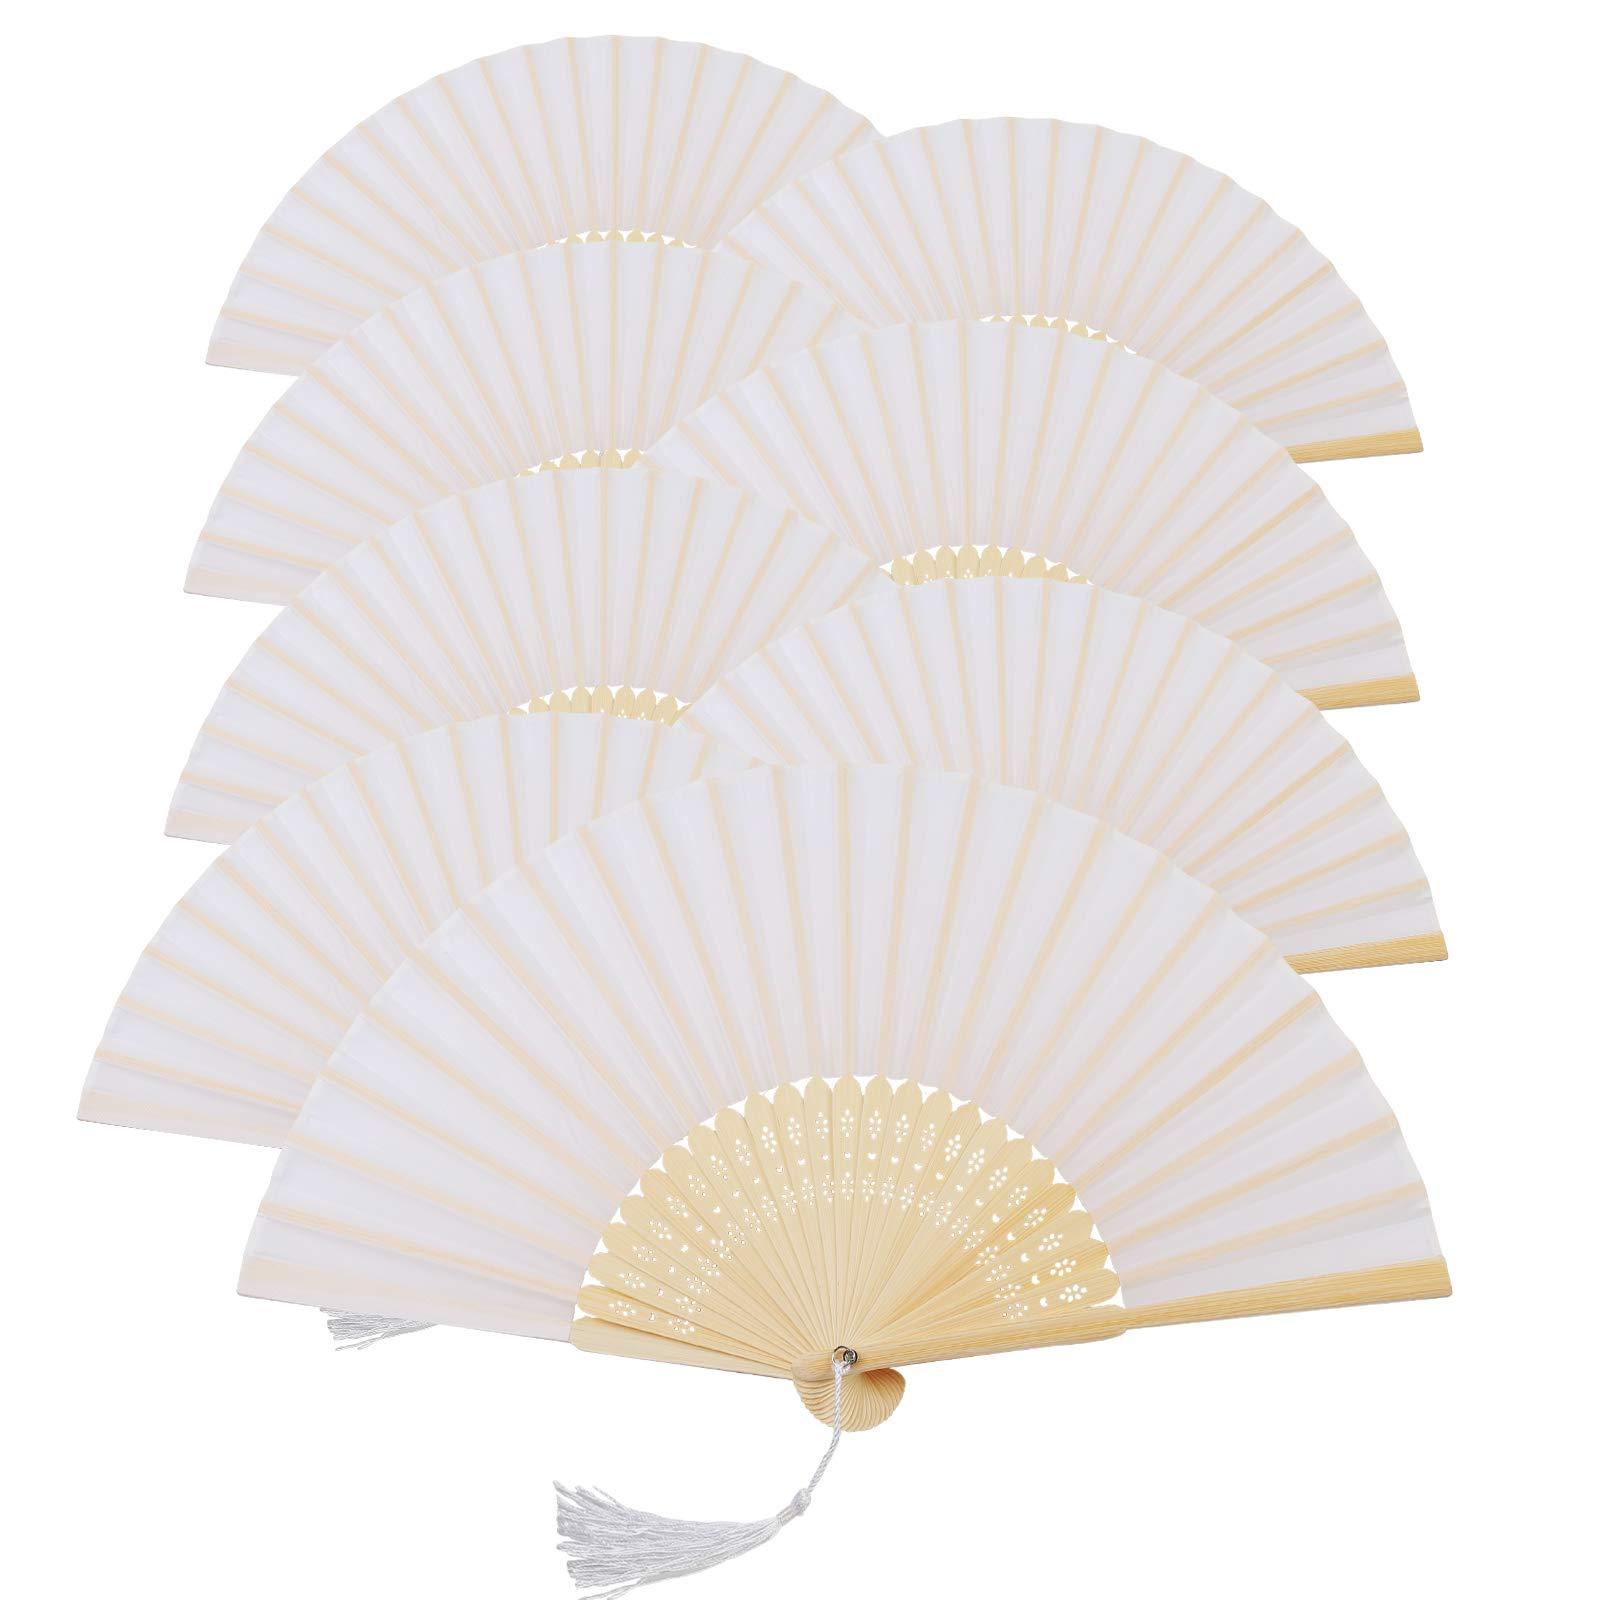 Amazon Doris Home 50pcs Ivory White Silk Bamboo Handheld Folded